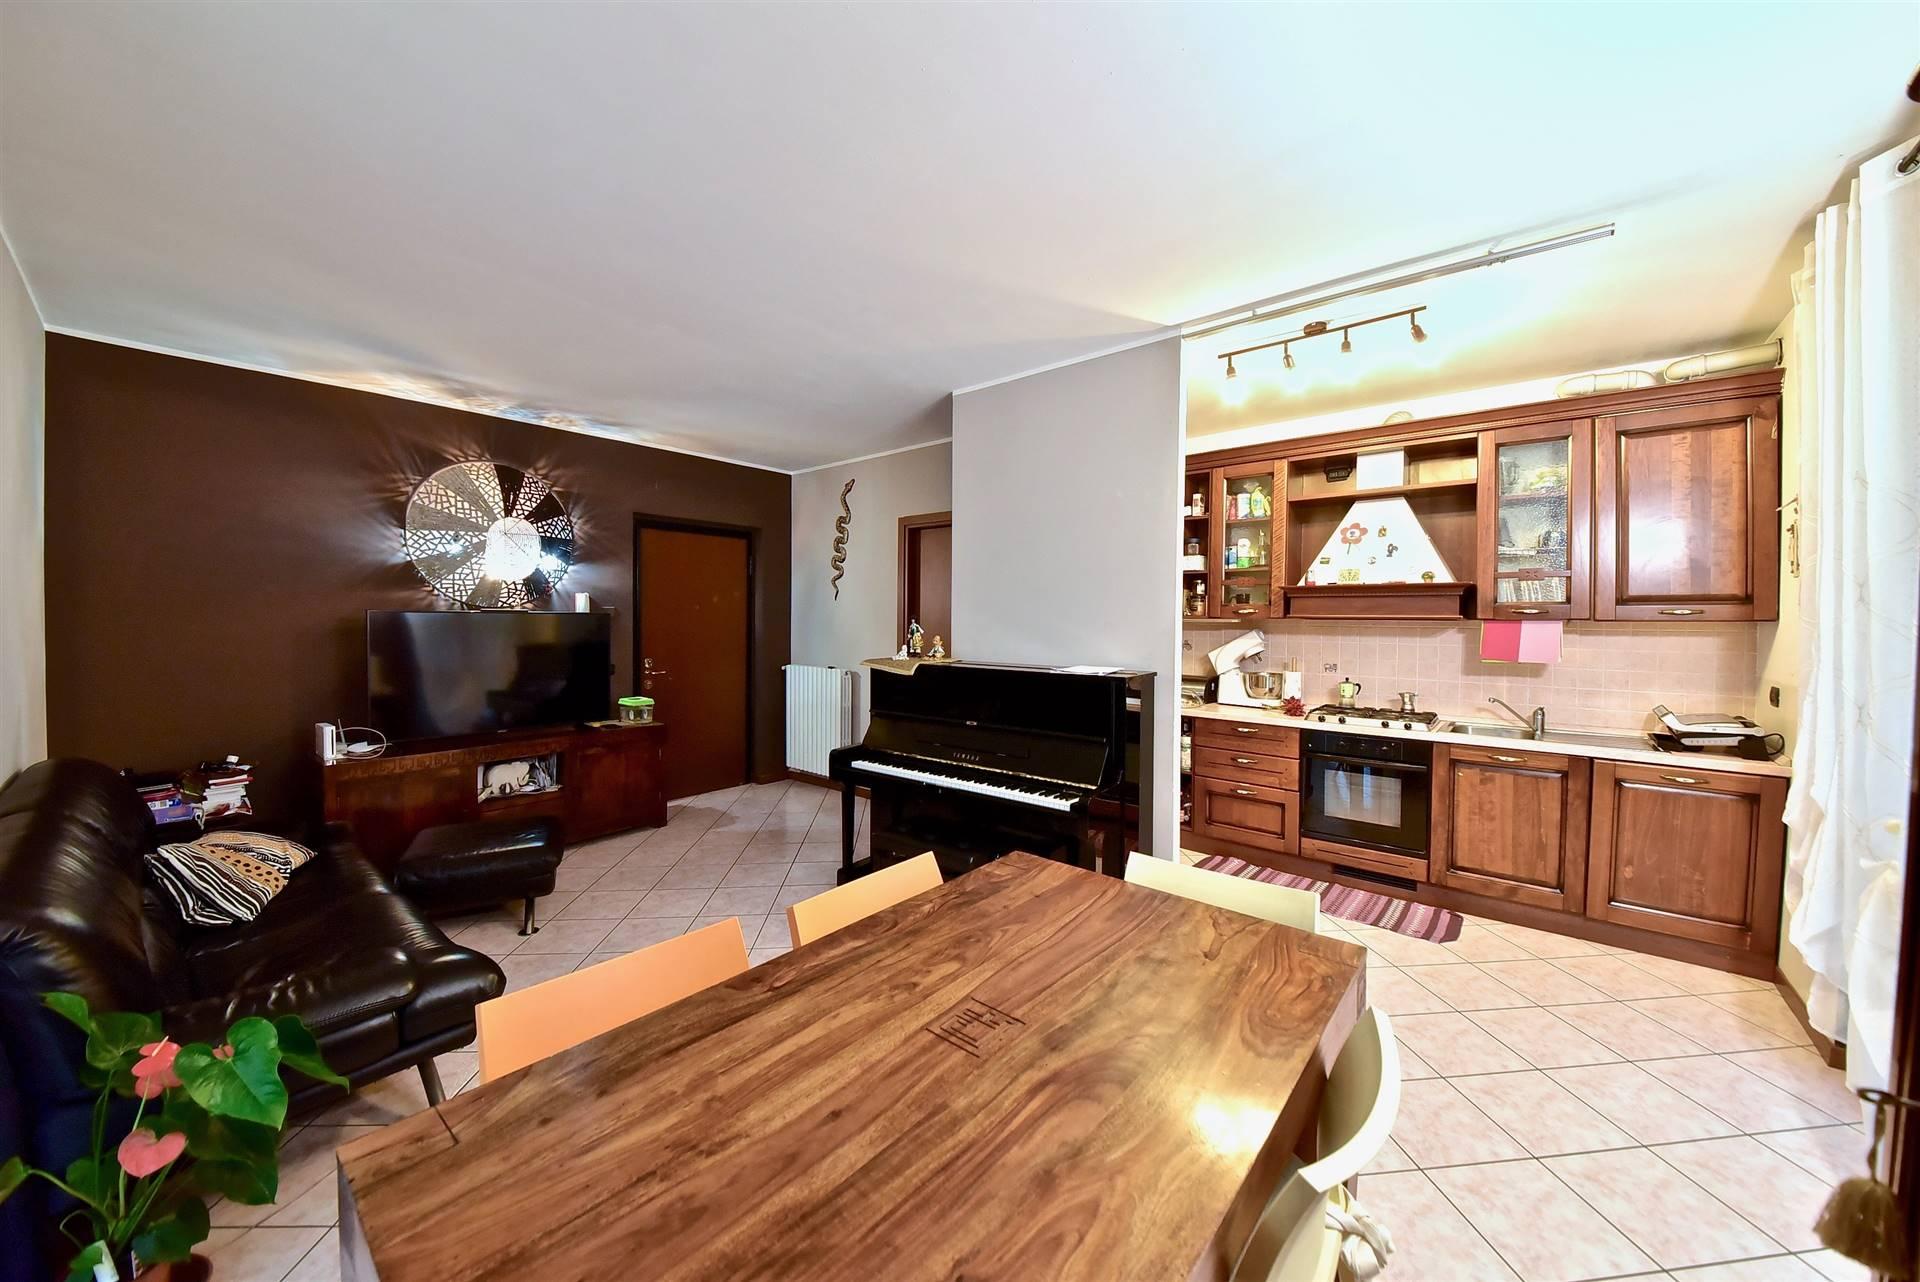 Appartamento in vendita a Misinto, 3 locali, prezzo € 159.000 | CambioCasa.it